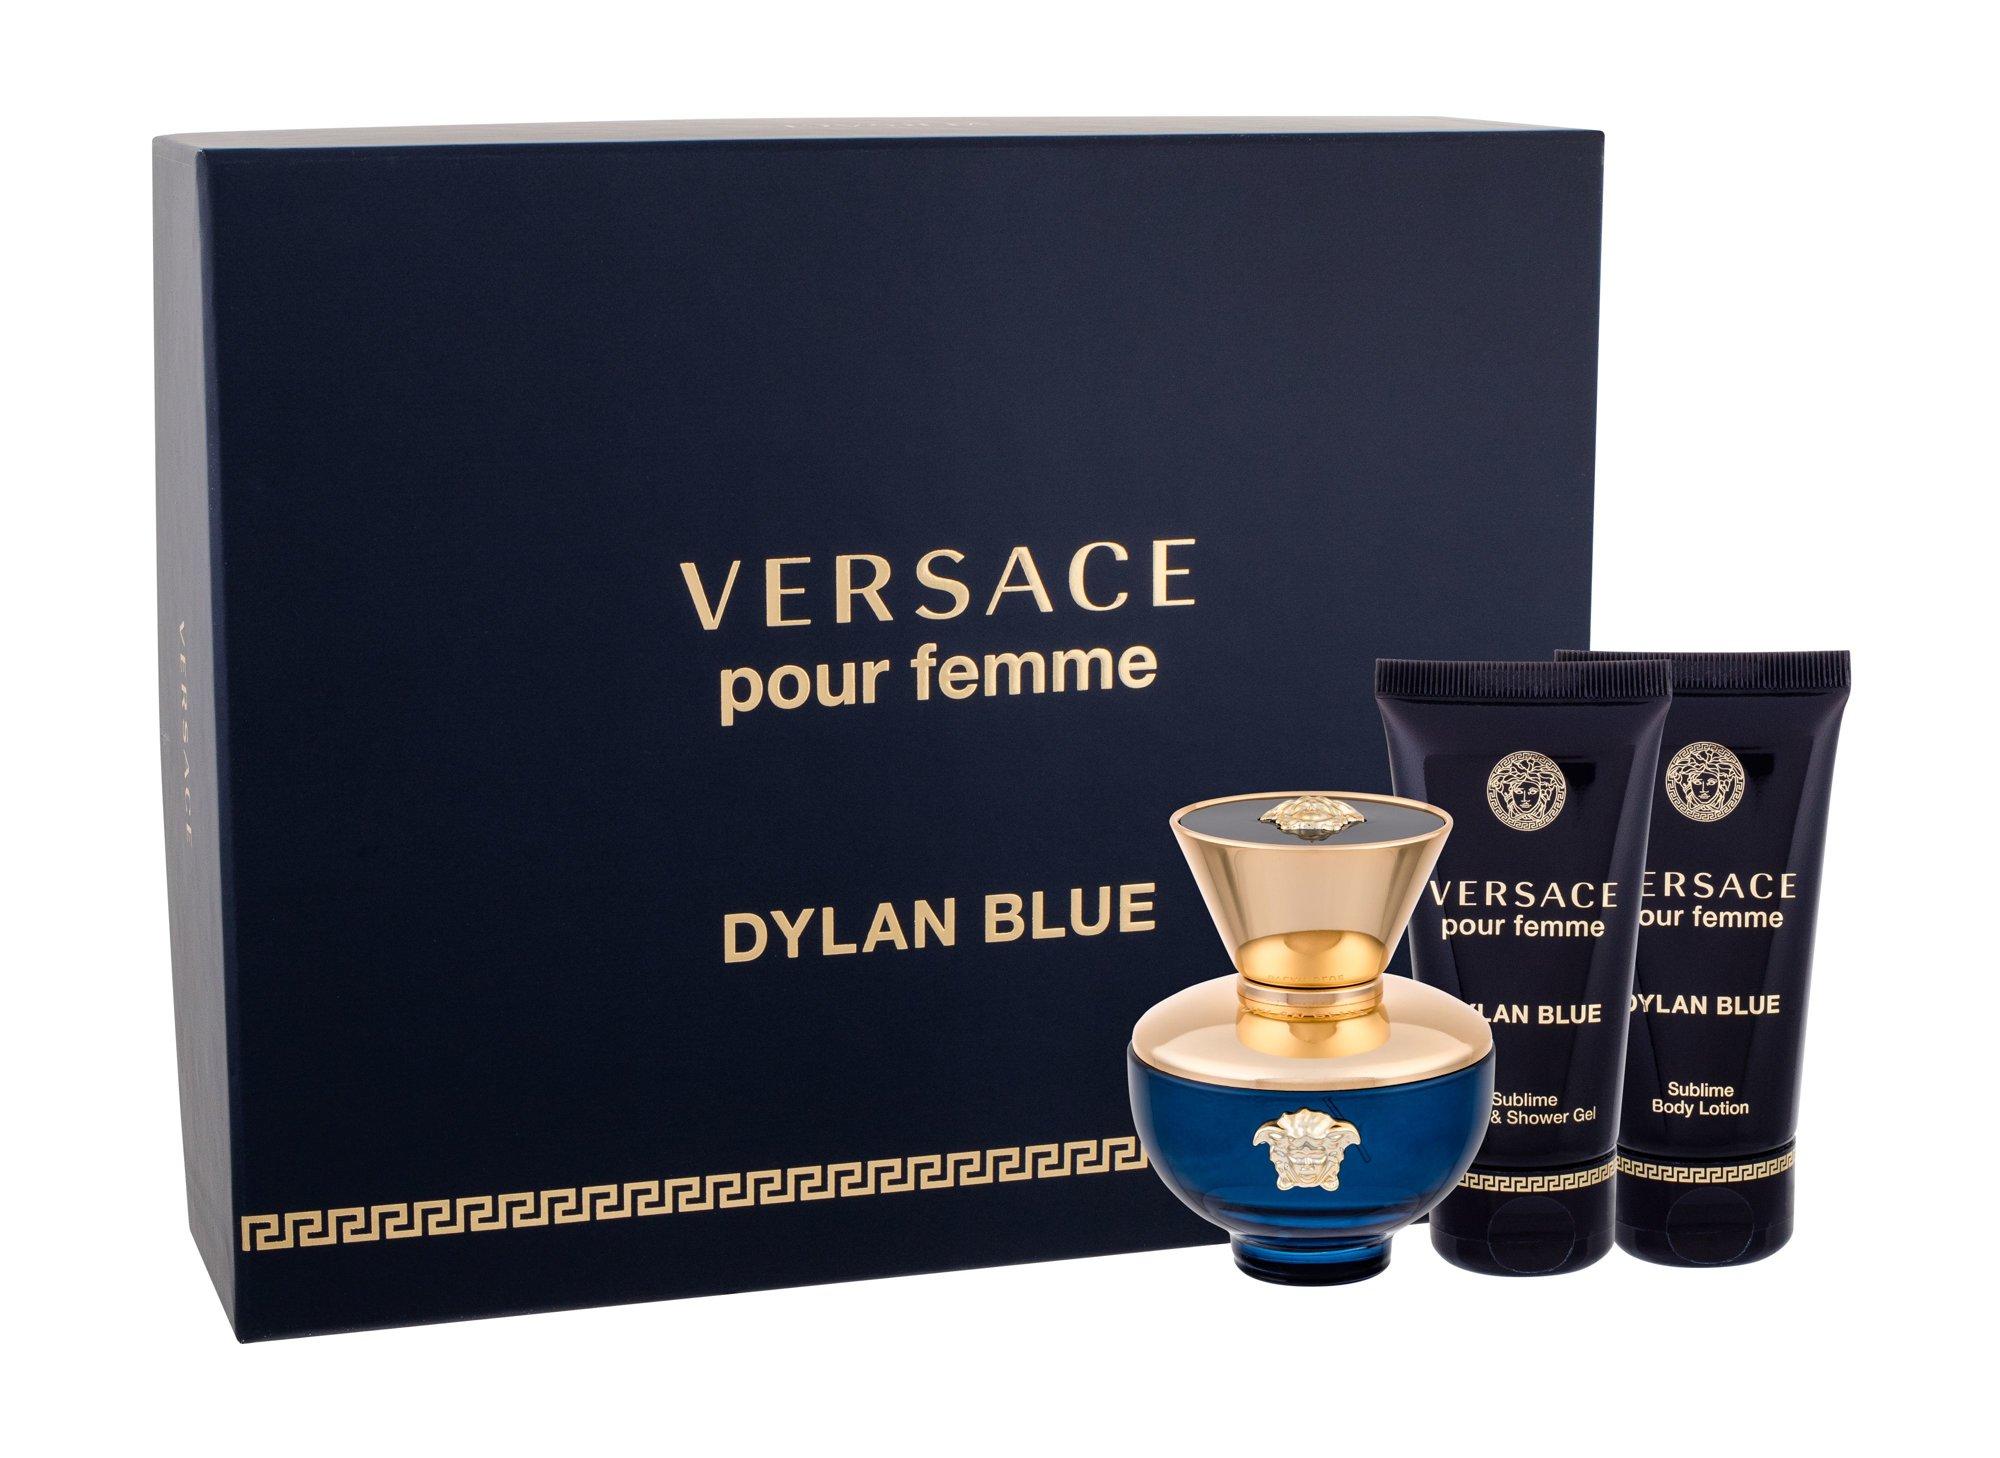 Versace Pour Femme Dylan Blue, parfumovaná voda 50 ml + Tělové mléko 50 ml + sprchovací gél 50 ml